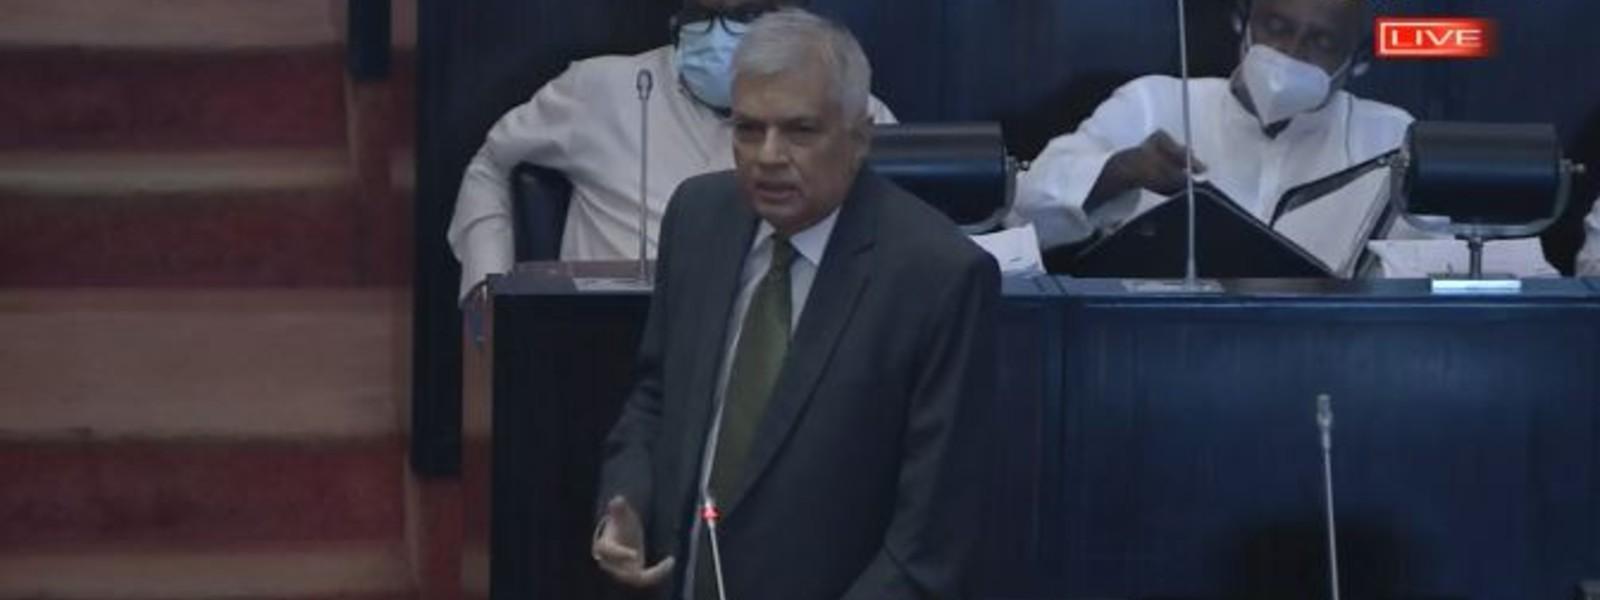 ரணில் விக்ரமசிங்கபாராளுமன்ற உறுப்பினராகபதவிப்பிரமாணம்